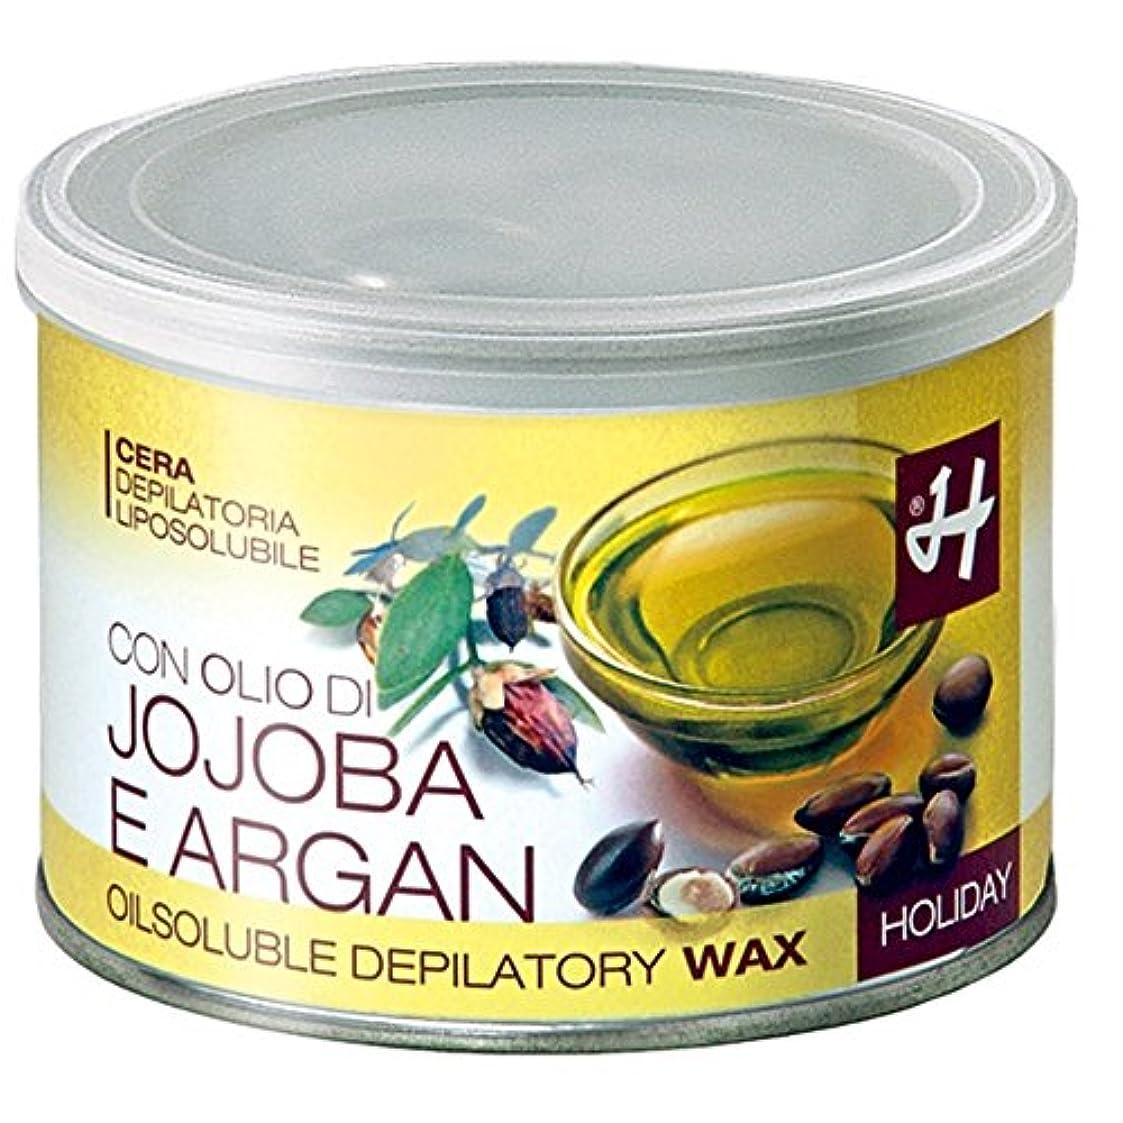 間違えたまろやかな痛いHOLIDAY JAPAN (ホリデイジャパン) ホホバ&アルガンオイル?エレメンツ ロジンフリーワックス 400ml イタリア製 ブラジリアンワックス WAX